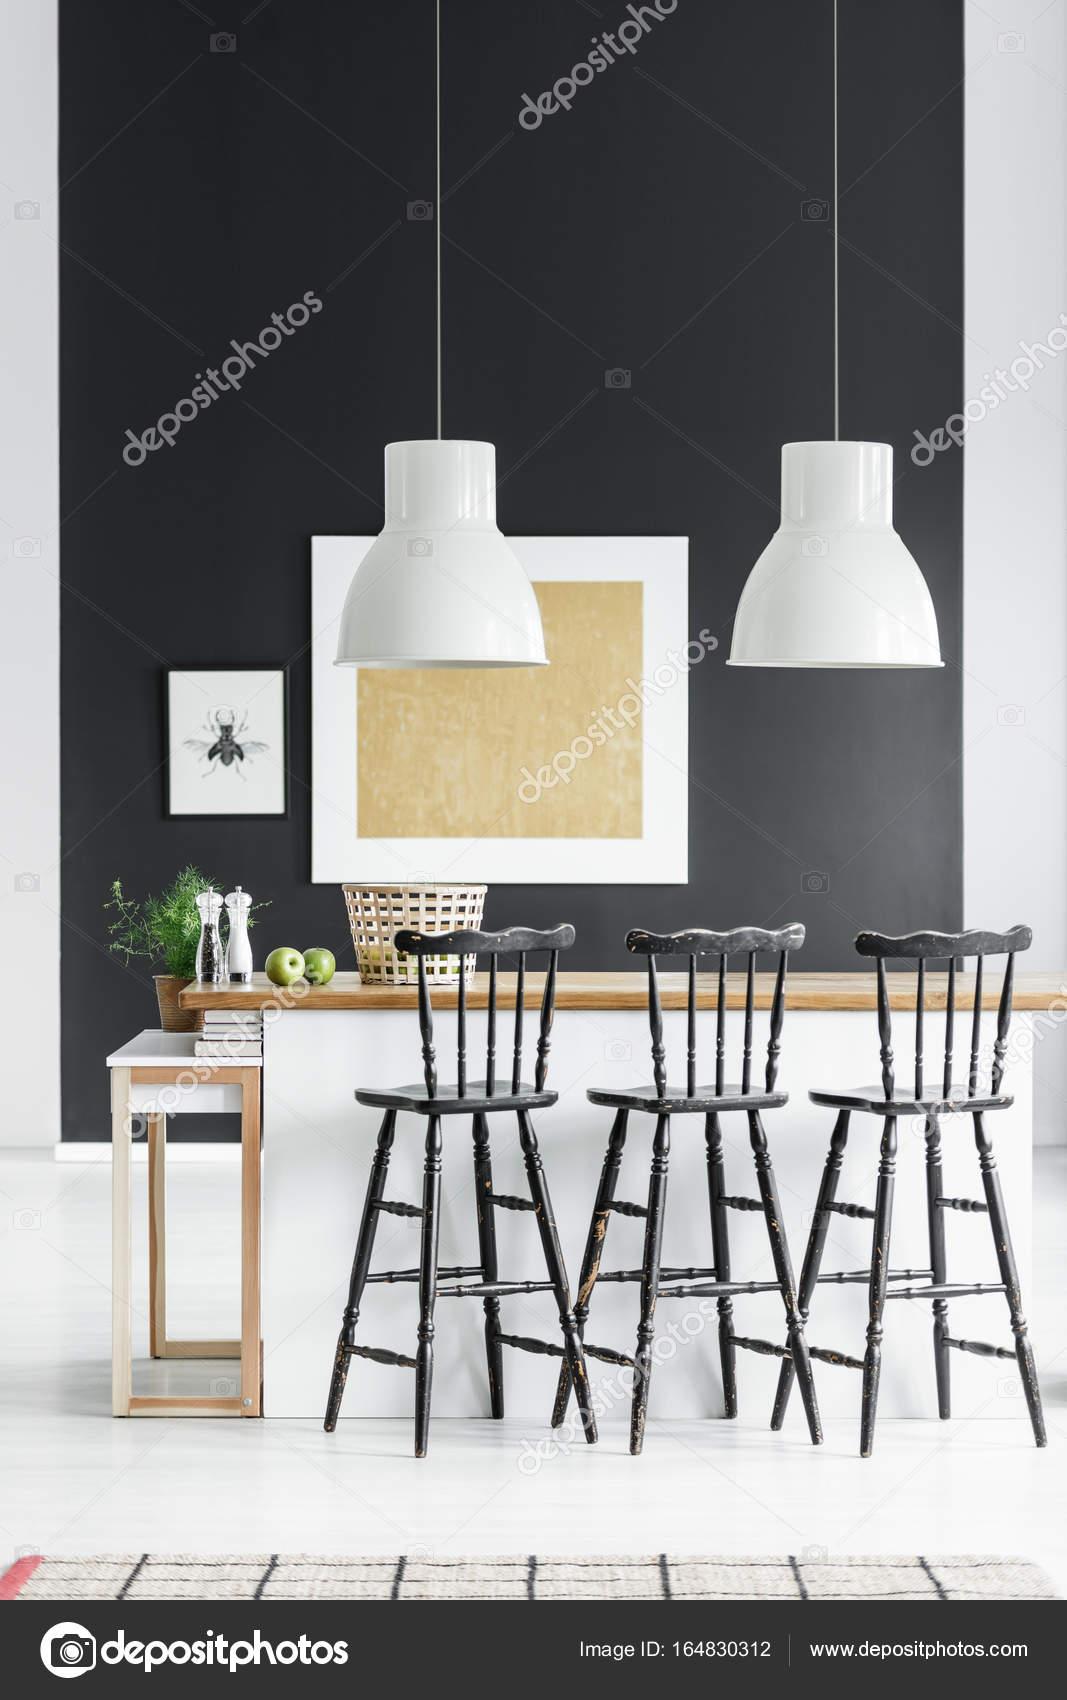 Weißen Lampen über Der Arbeitsplatte Mit Schwarzen Barhocker In Der Küche  Mit Gold Malerei Auf Schwarze Wand U2014 Foto Von Photographee.eu